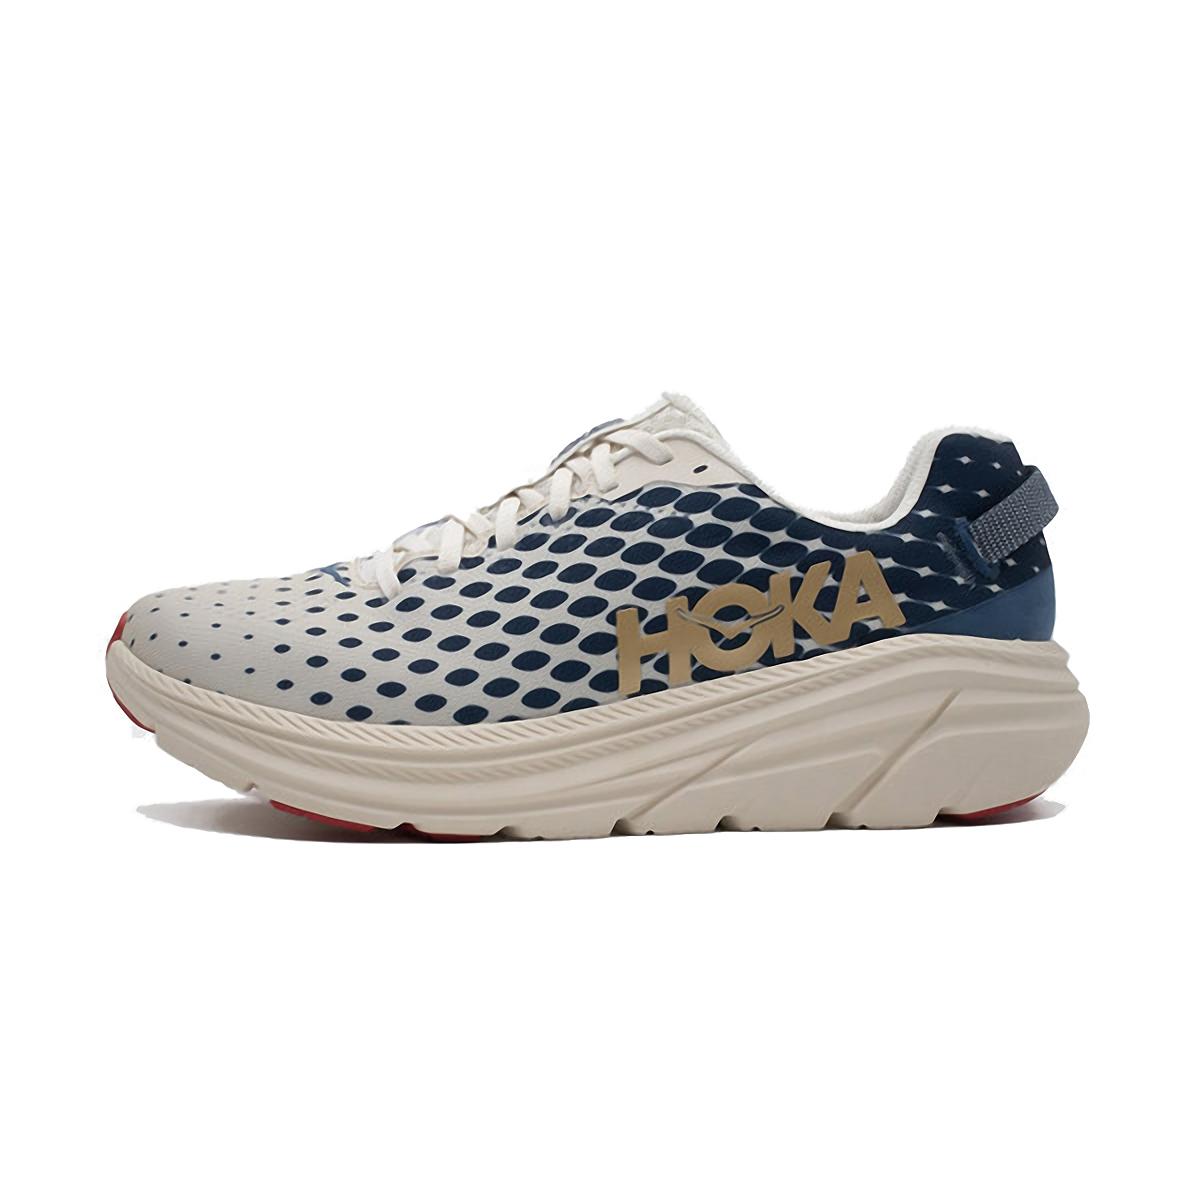 Men's Hoka One One Rincon TK Running Shoe - Color: Vintage Indigo - Size: 7 - Width: Regular, Vintage Indigo, large, image 2